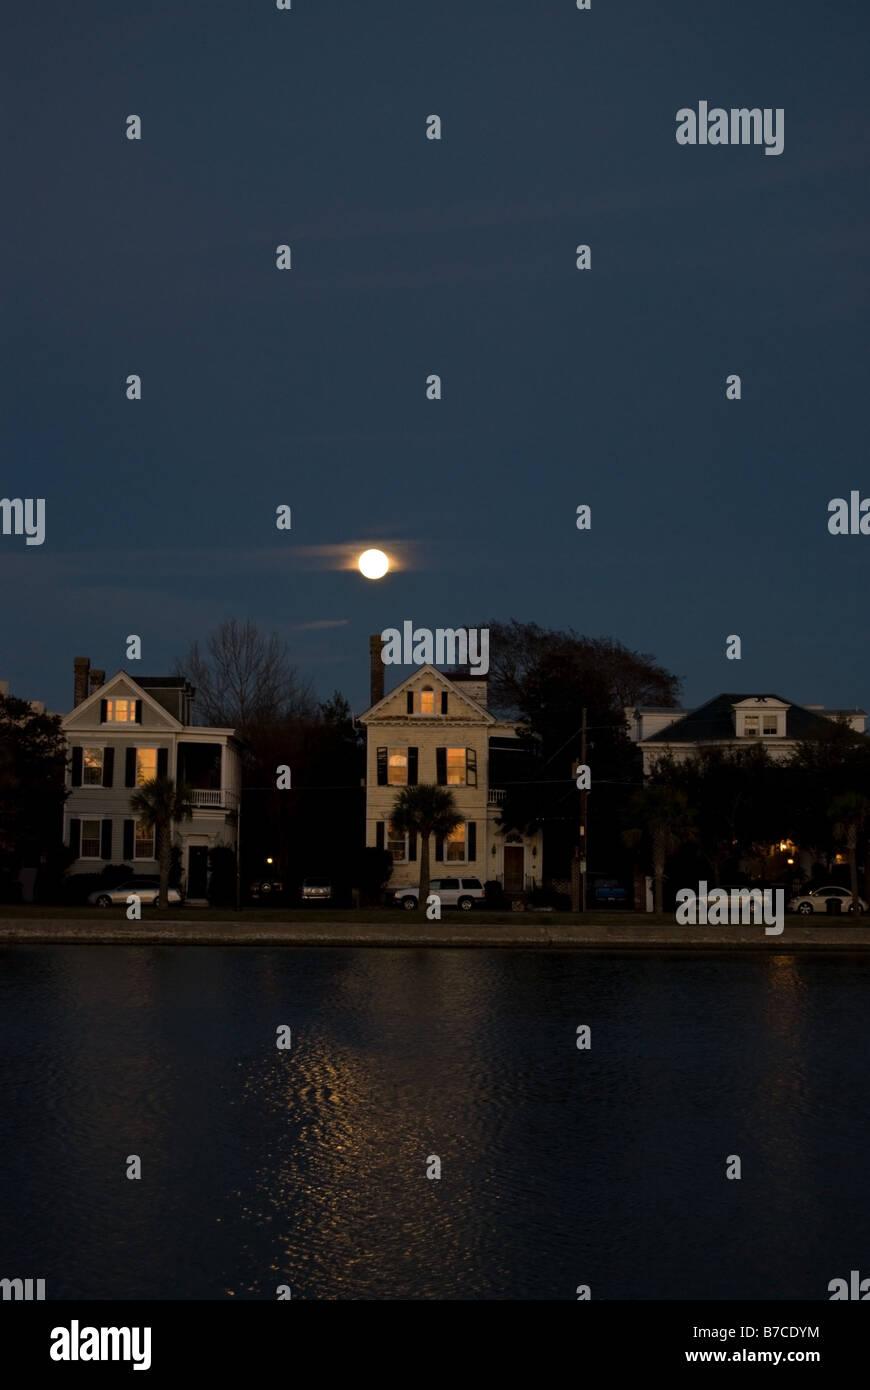 The moon rising over Charleston, South Carolina's Colonial Lake. - Stock Image